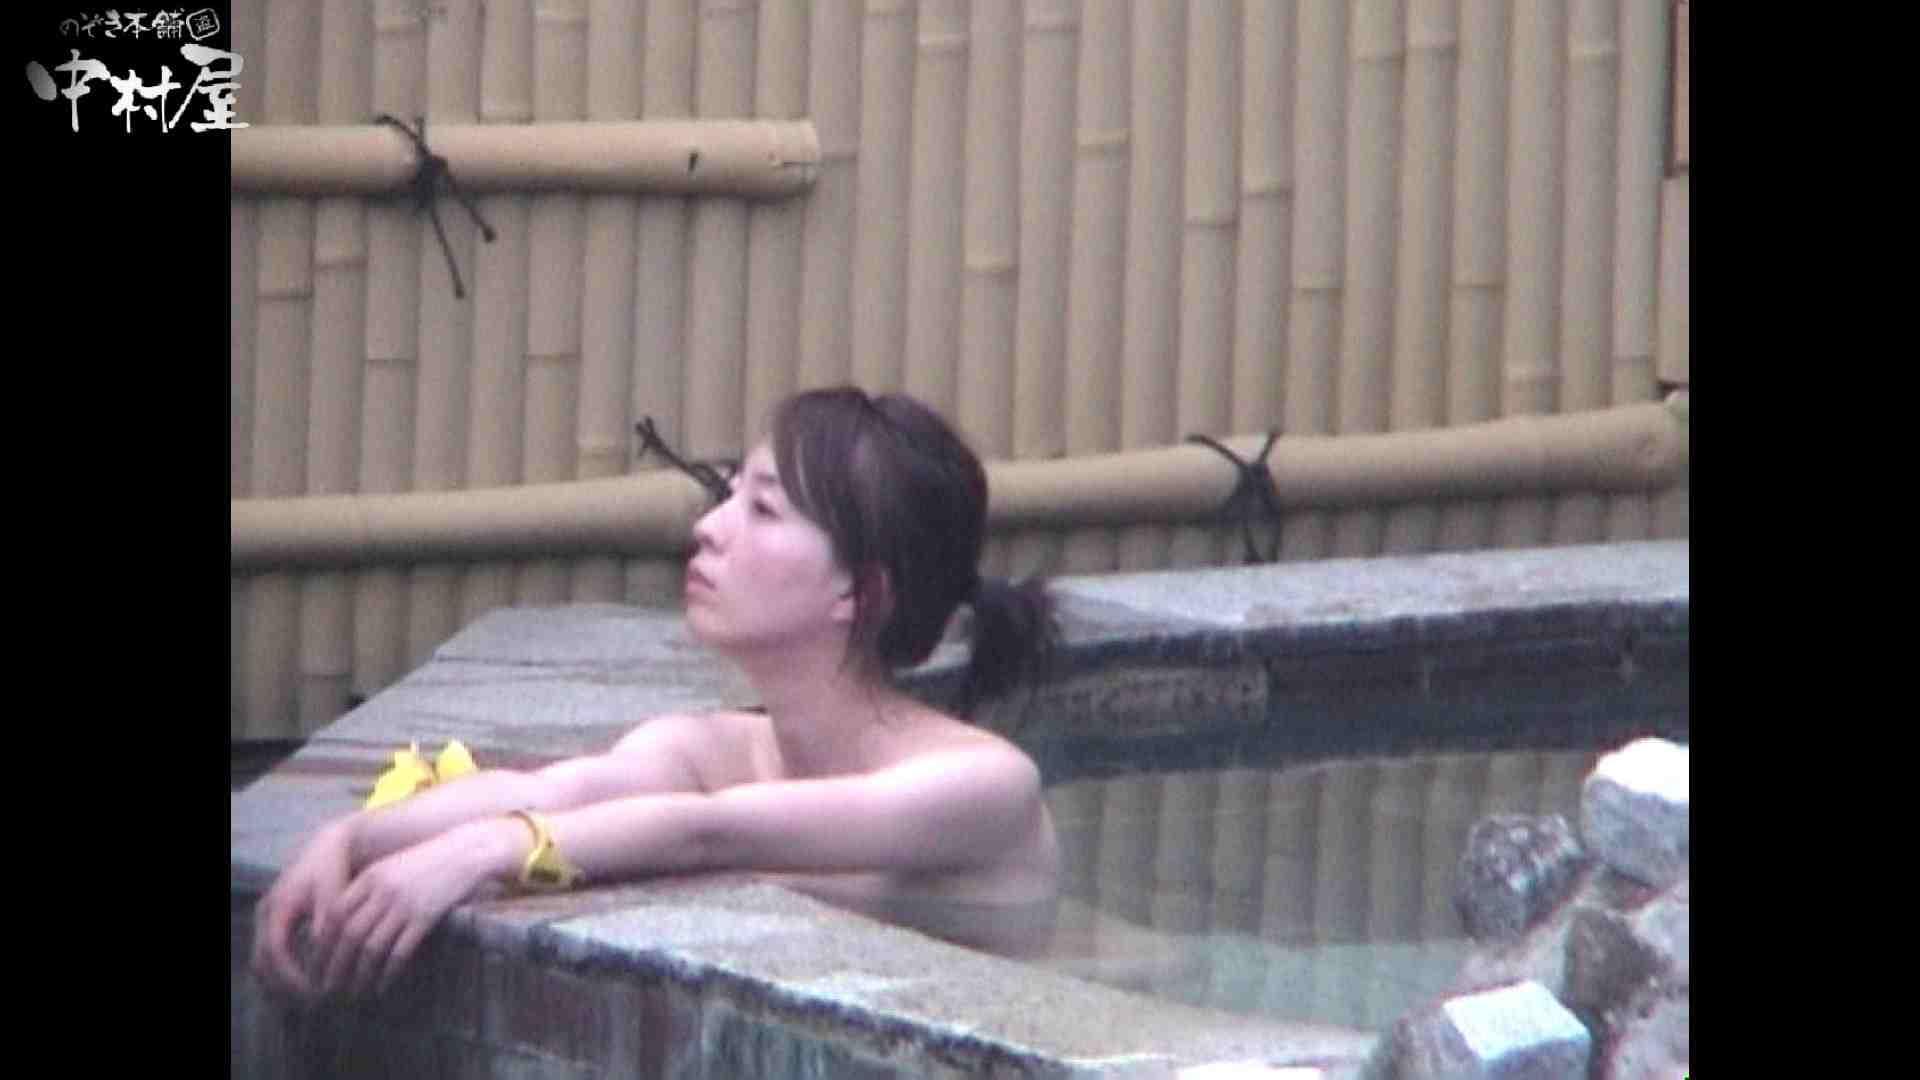 Aquaな露天風呂Vol.964 美しいOLの裸体   盗撮師作品  104pic 67